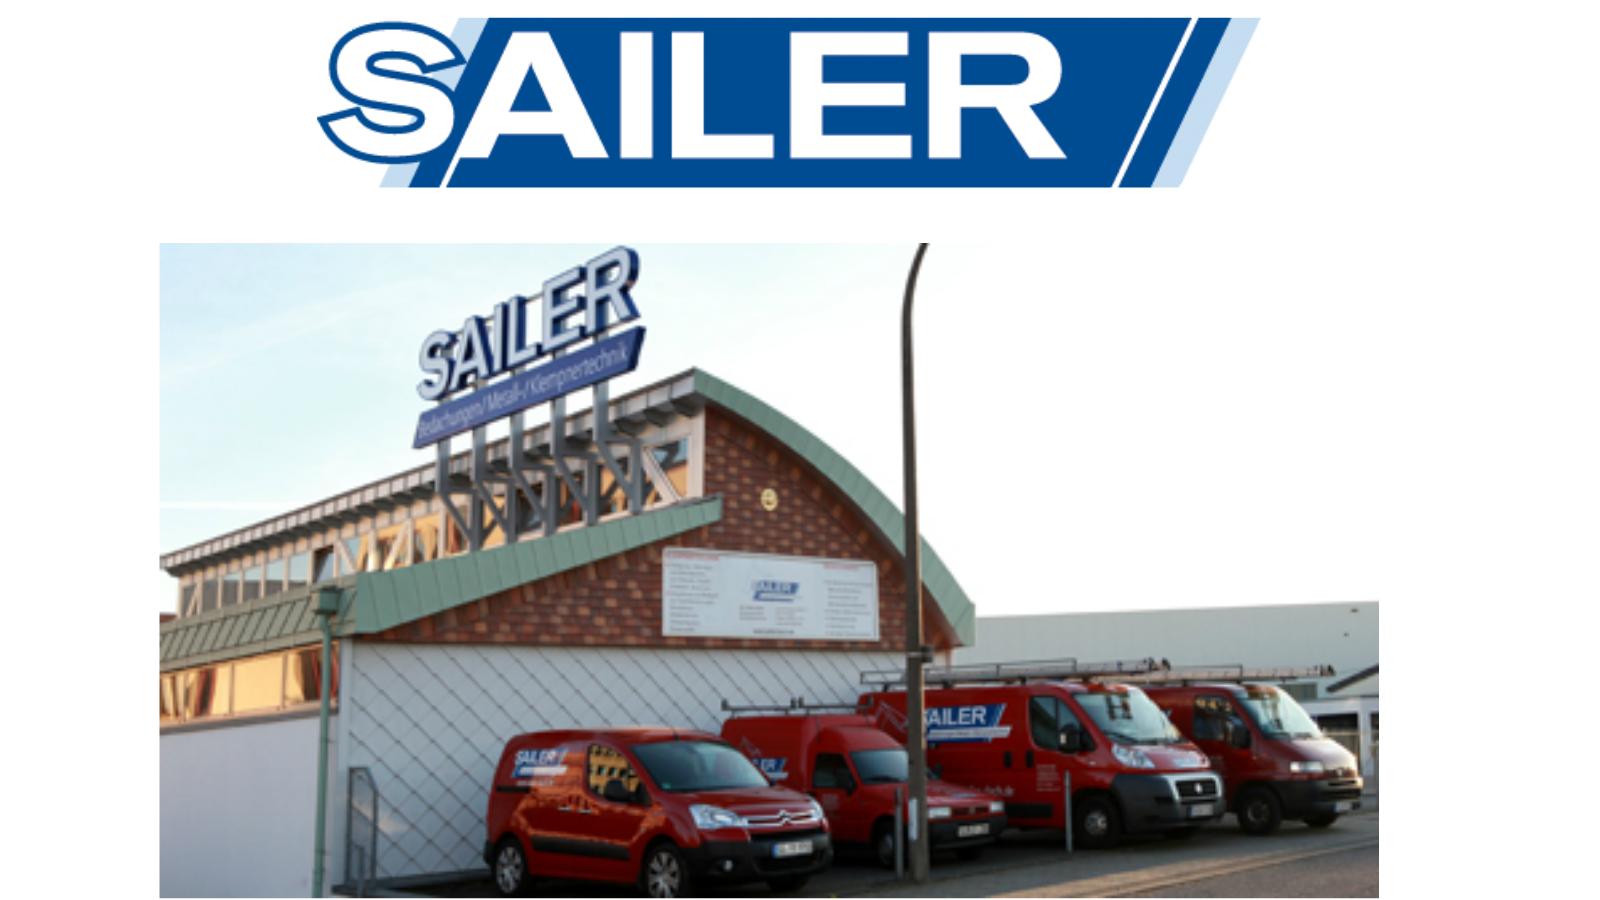 Dieter Sailer Dachdecker - Klempner